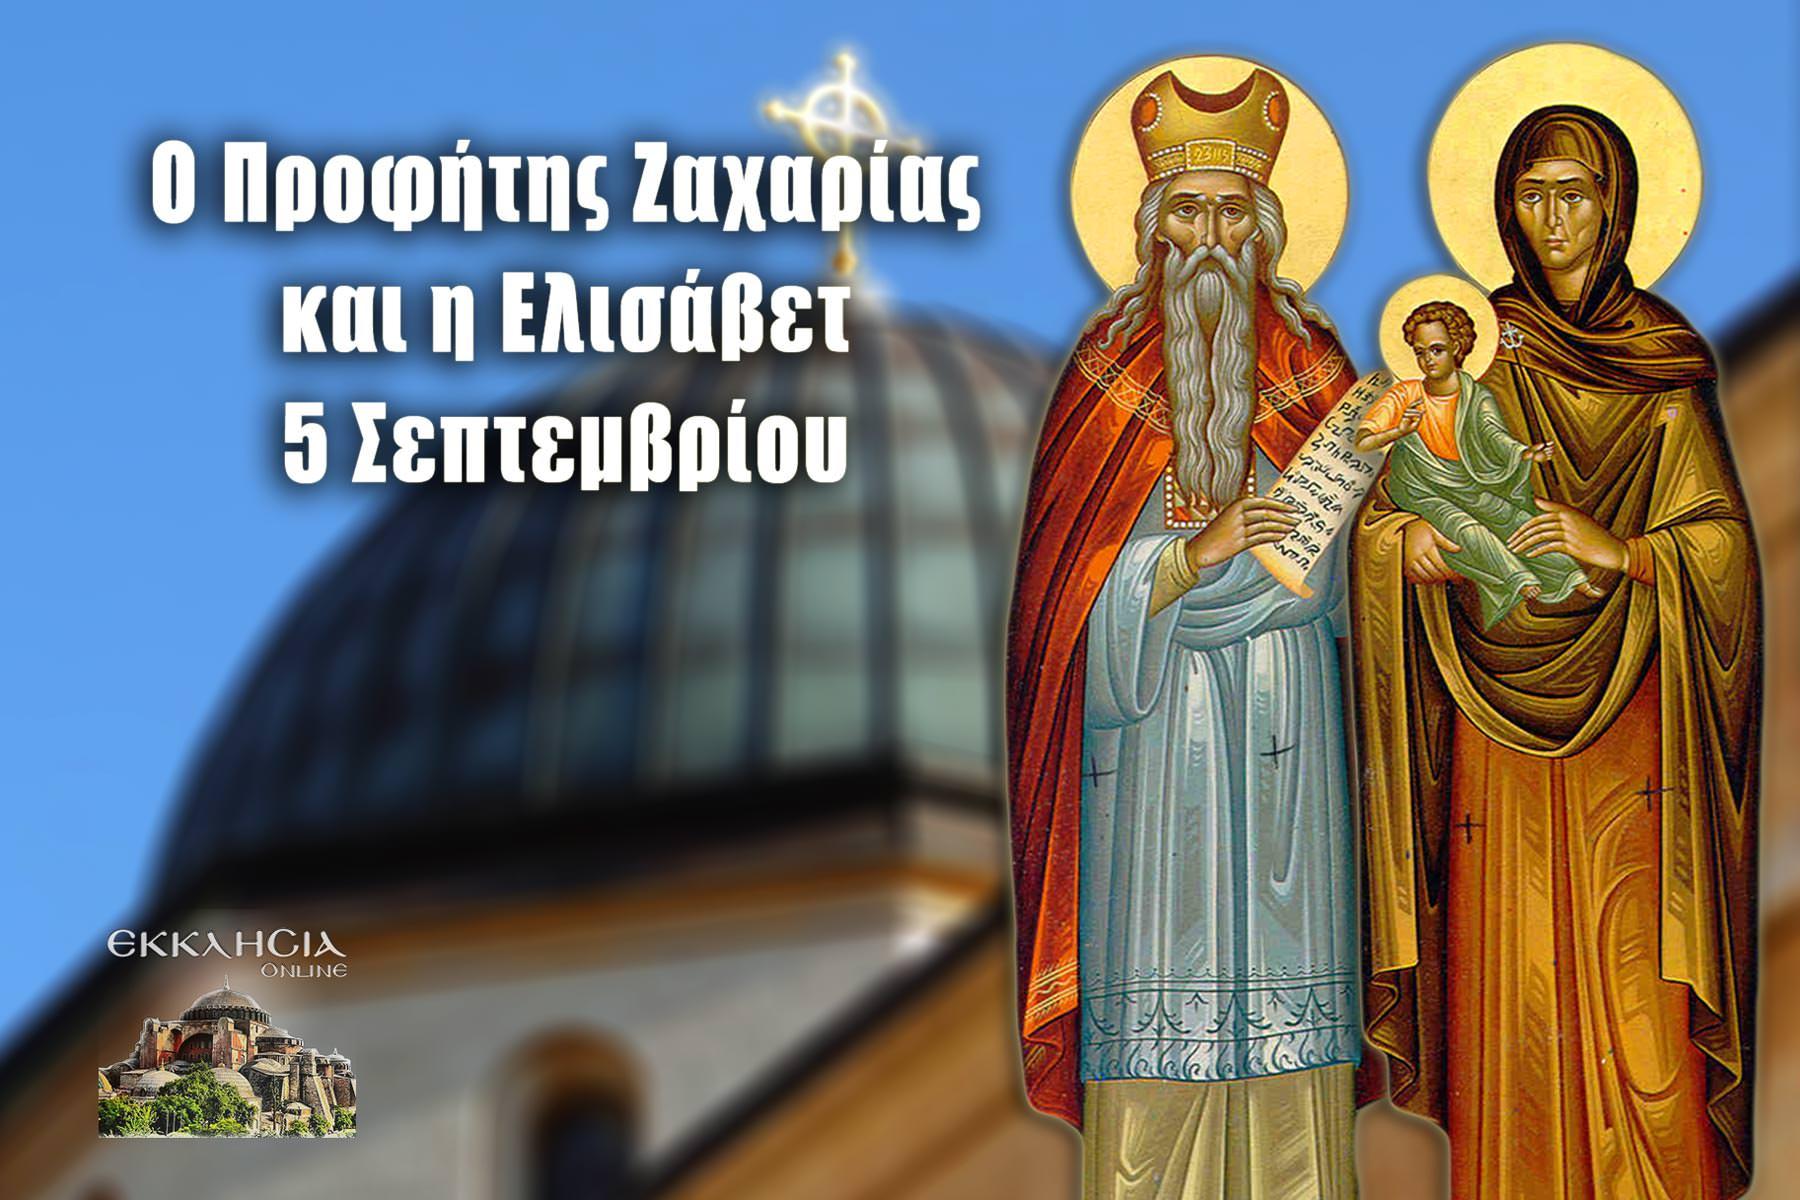 Προφήτης Ζαχαρίας και Ελισάβετ 5 Σεπτεμβρίου